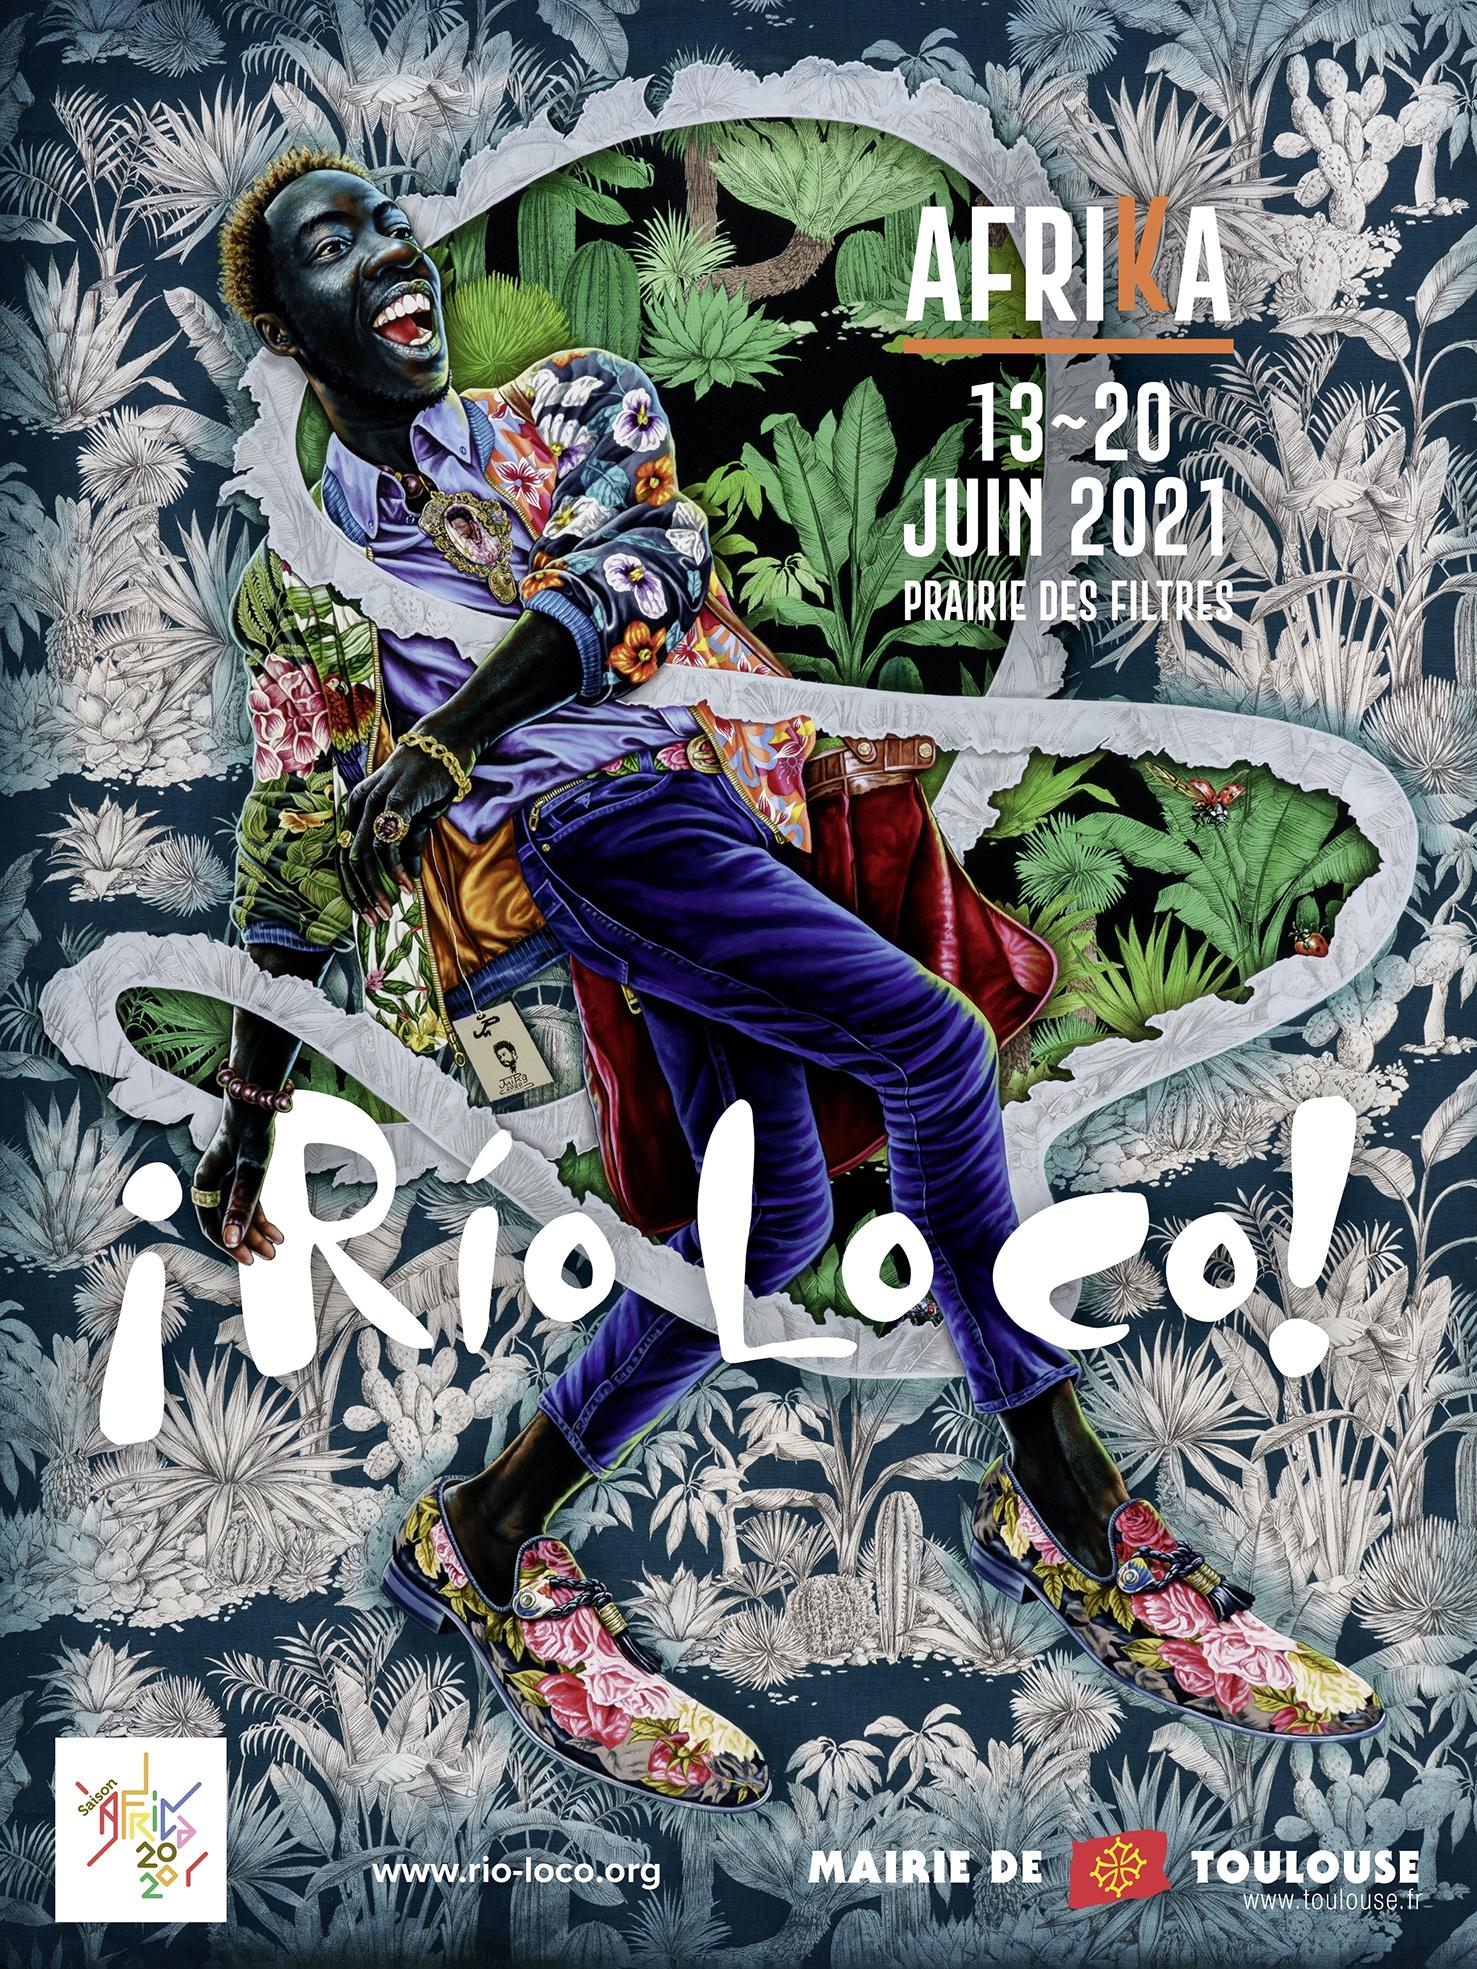 Rio Loco Afrika Toulouse 2021